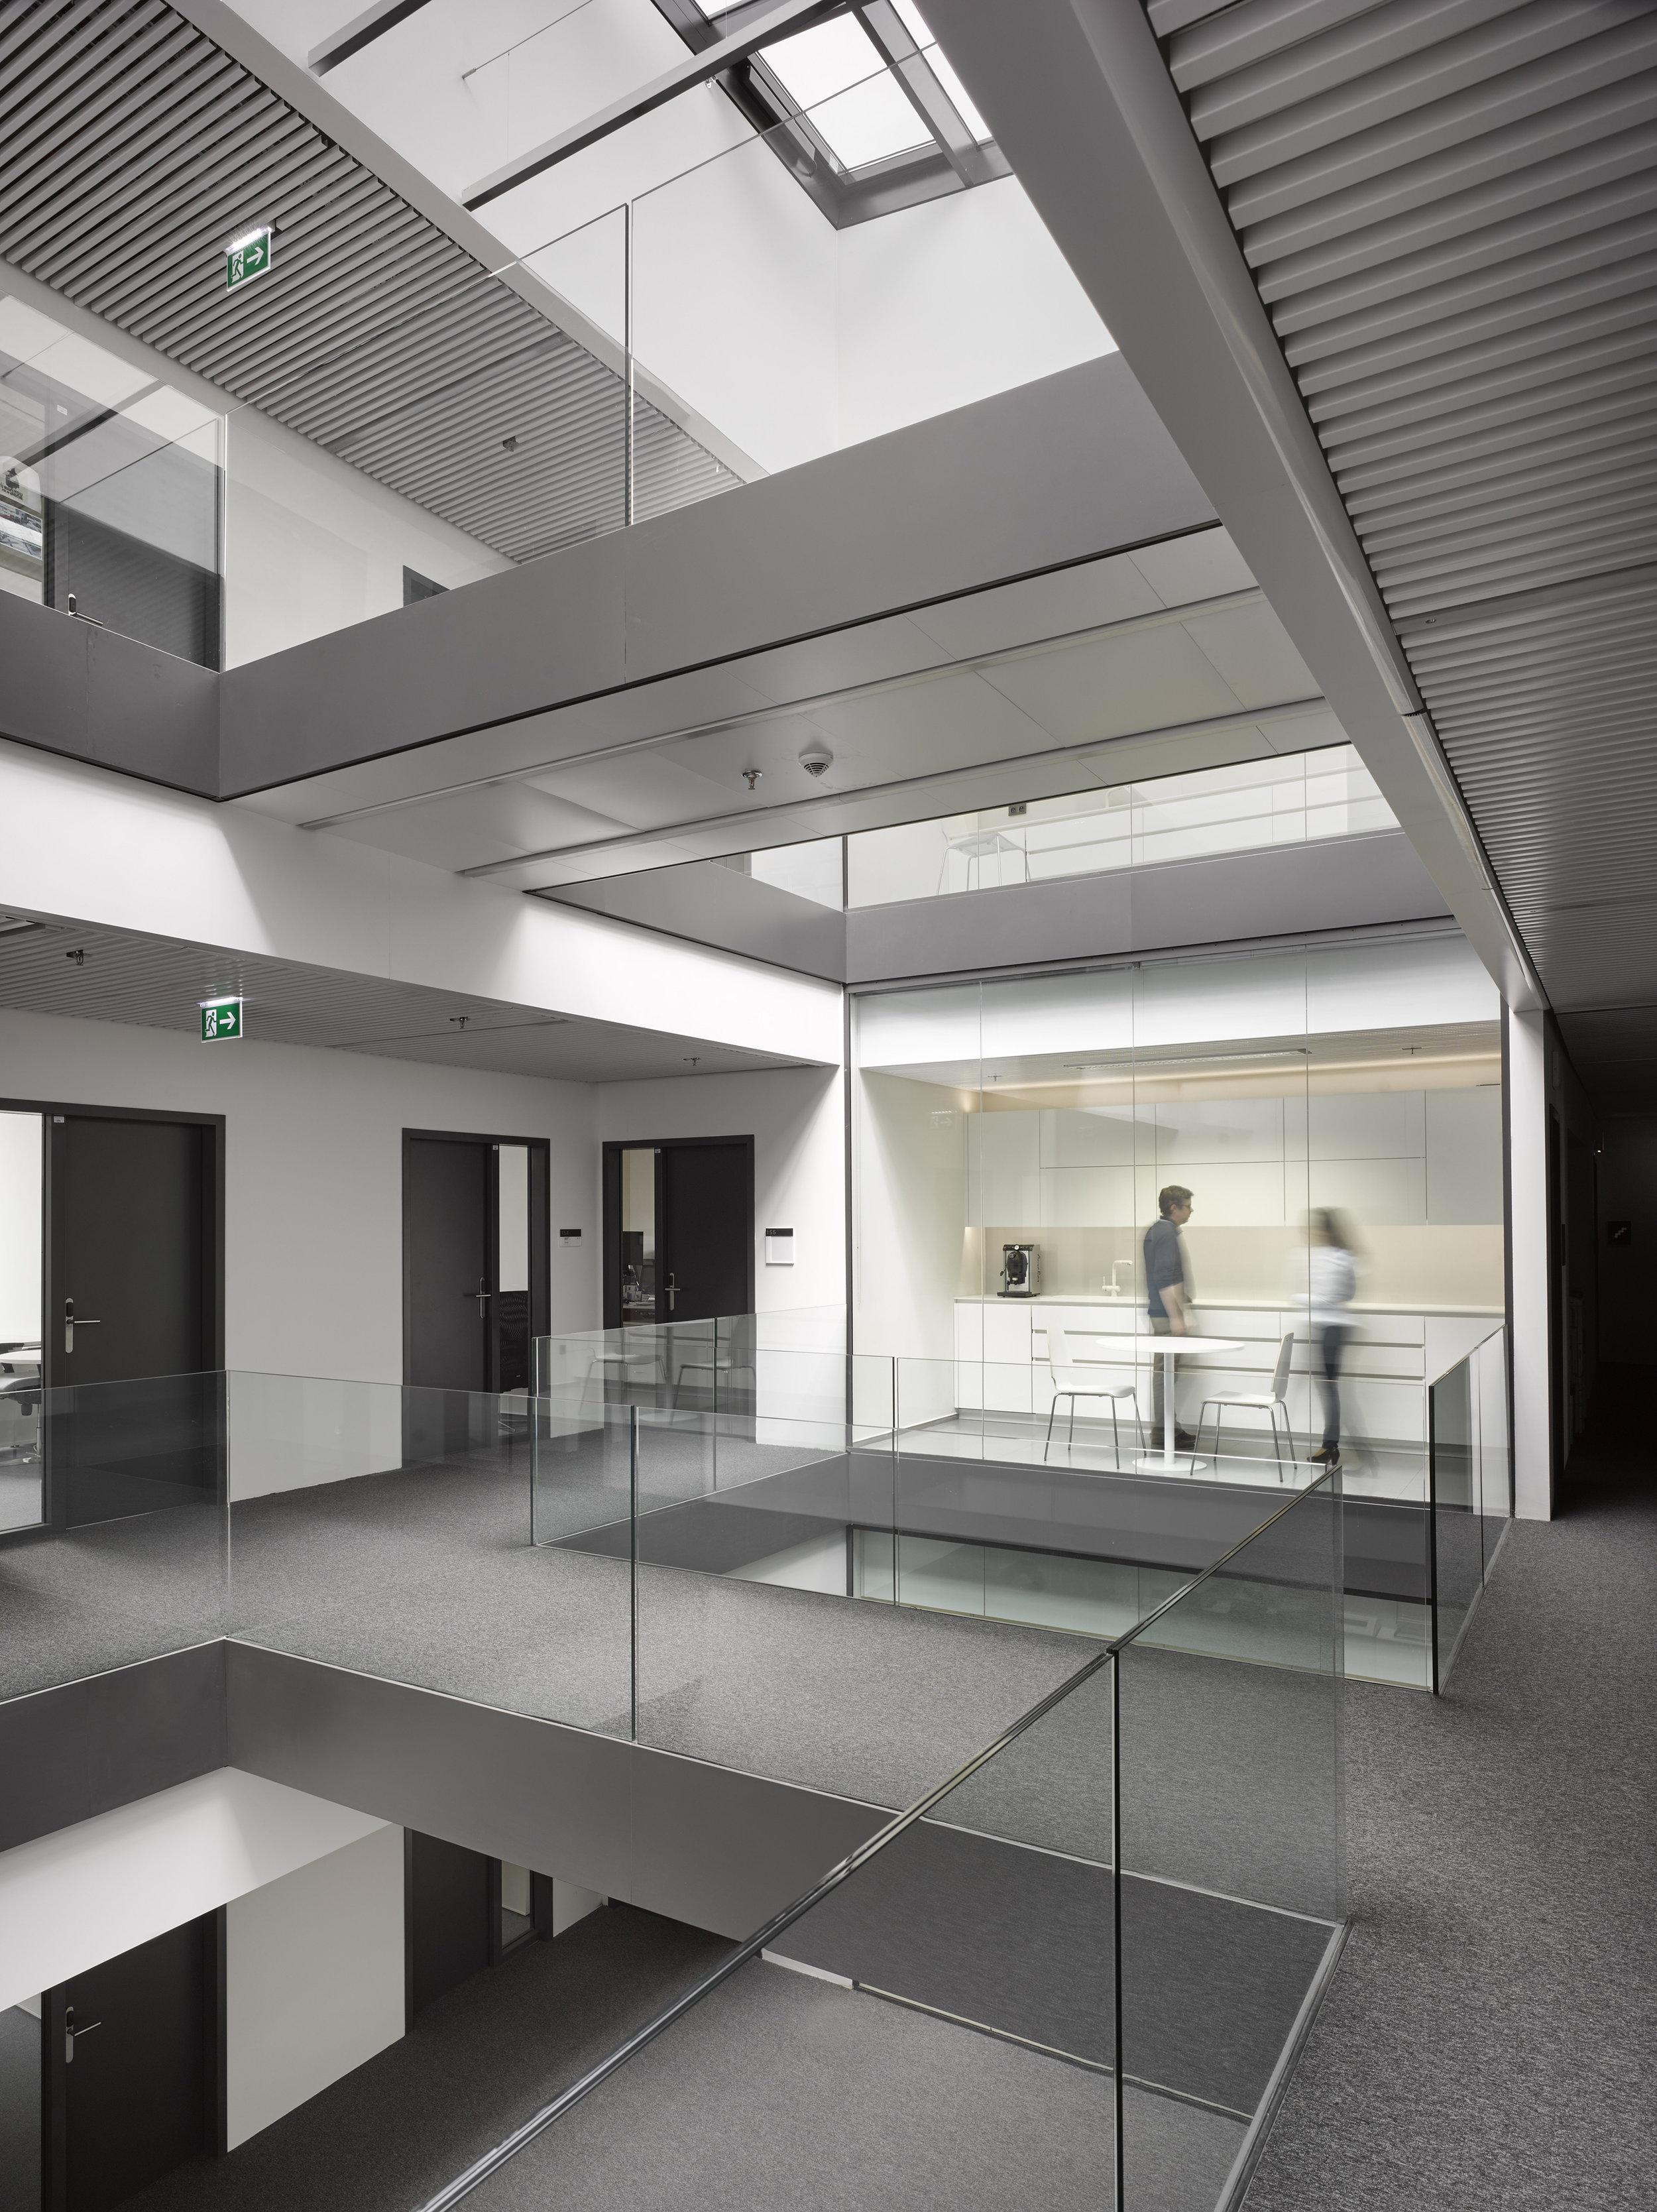 ELI Foto 10 Kuchynka kancelarska budova.jpg